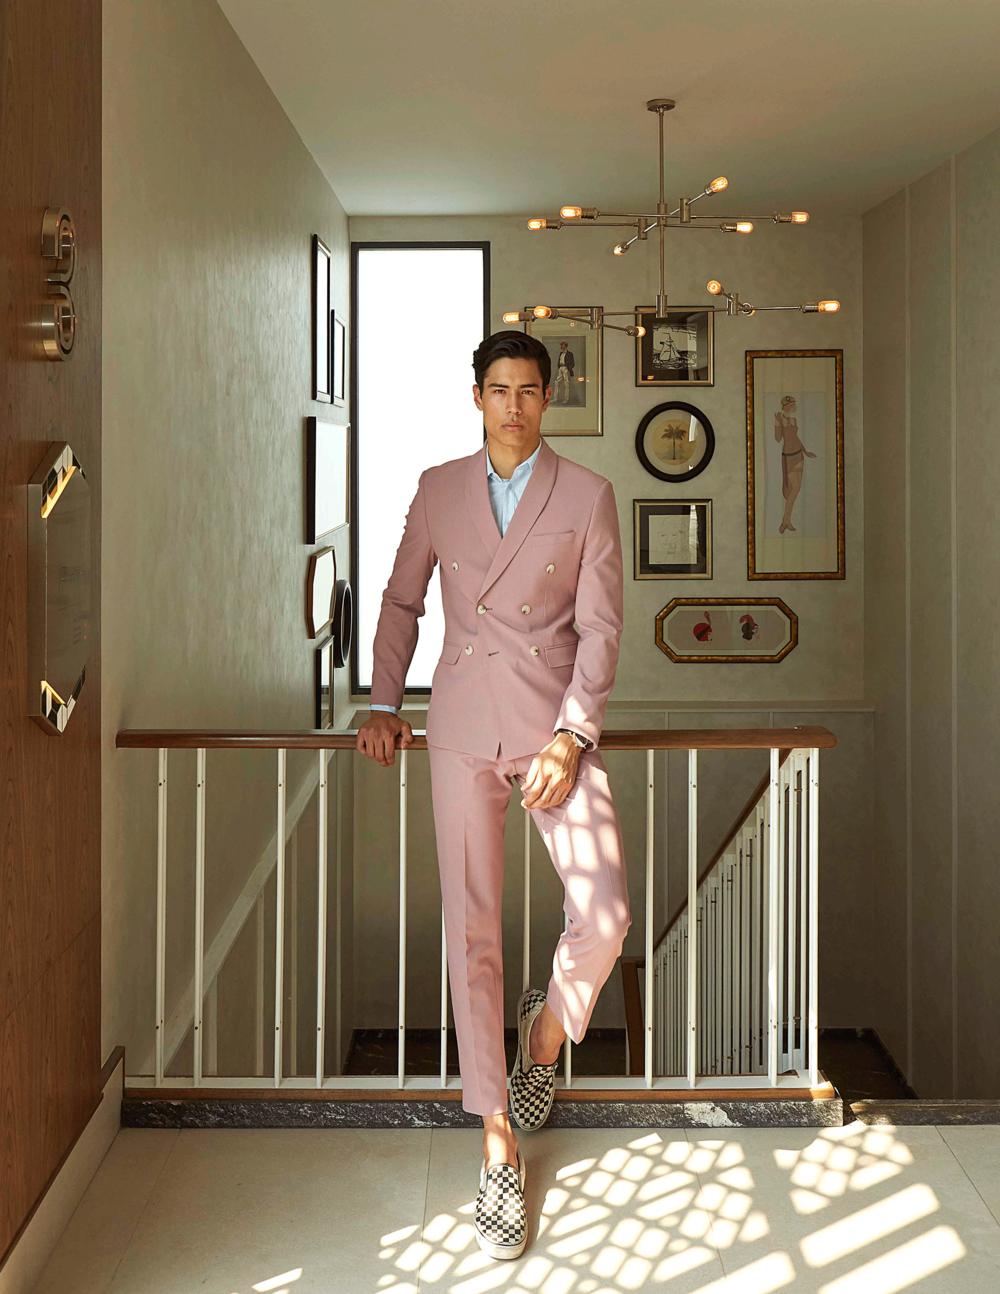 suit : CV_Homme